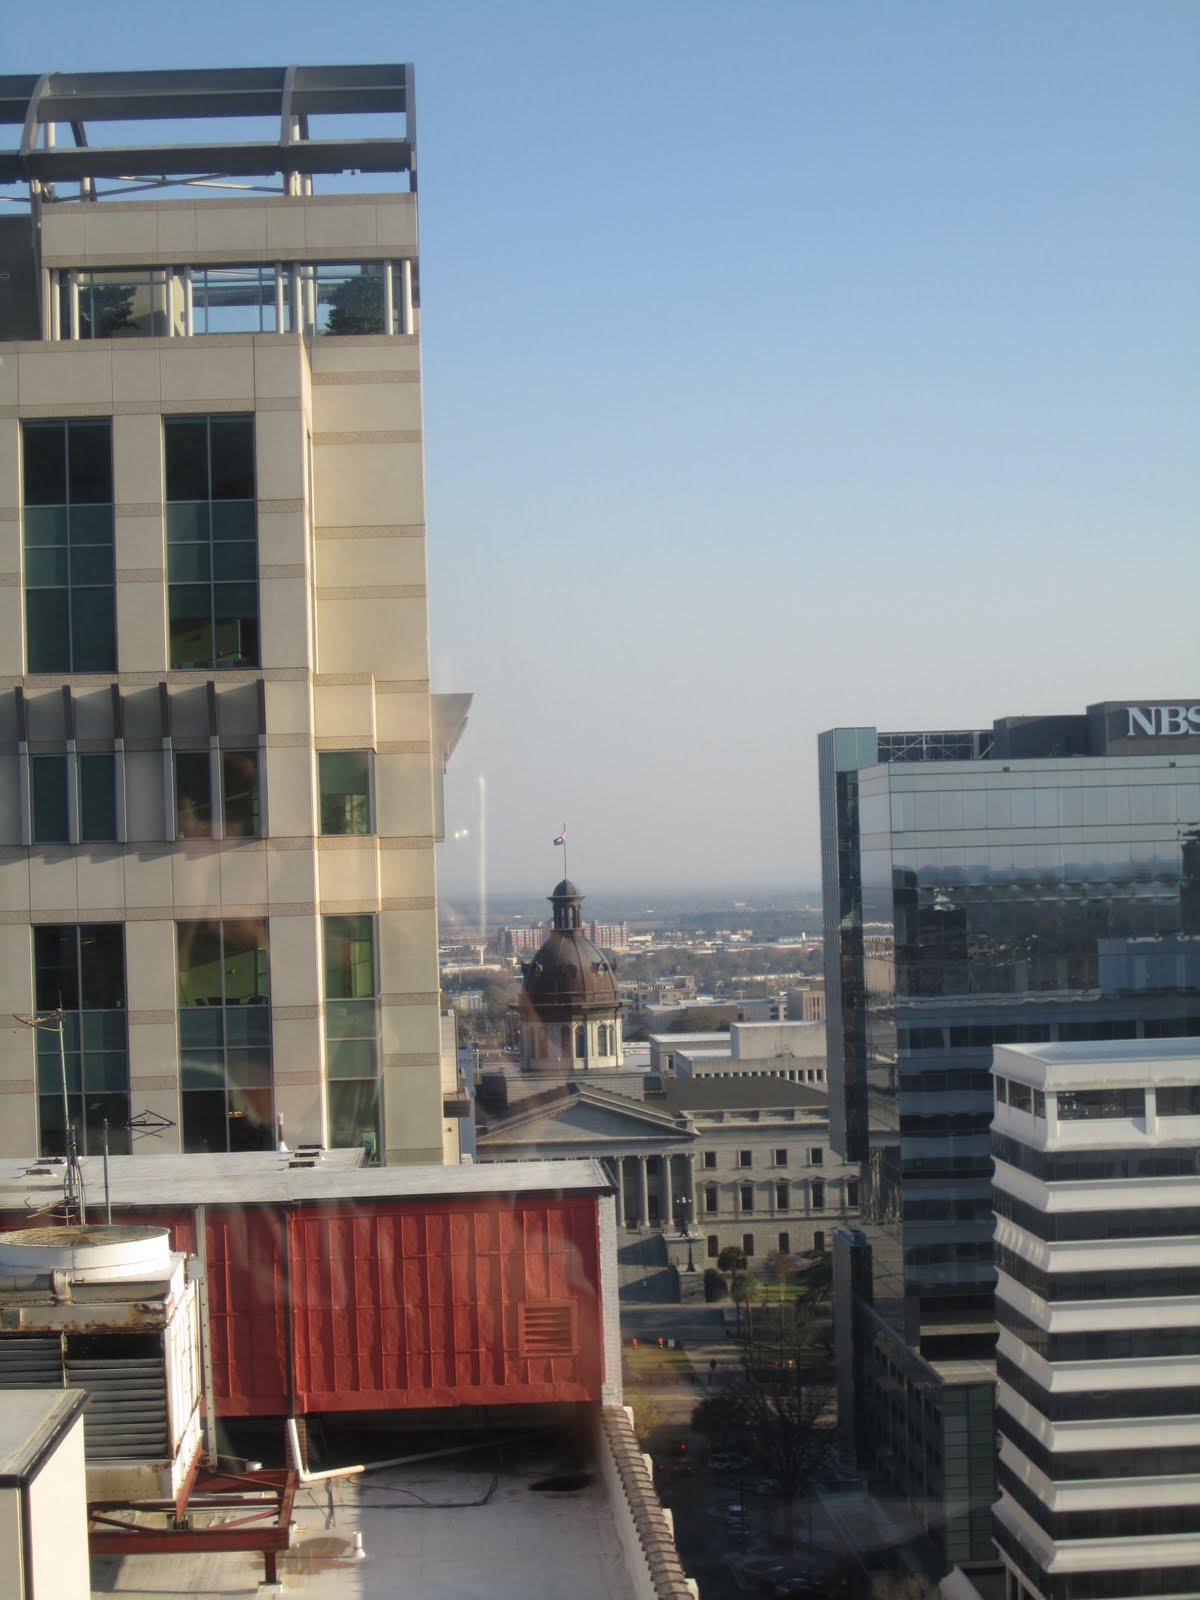 patbateman travel geek rooftop lounge sheraton columbia sc